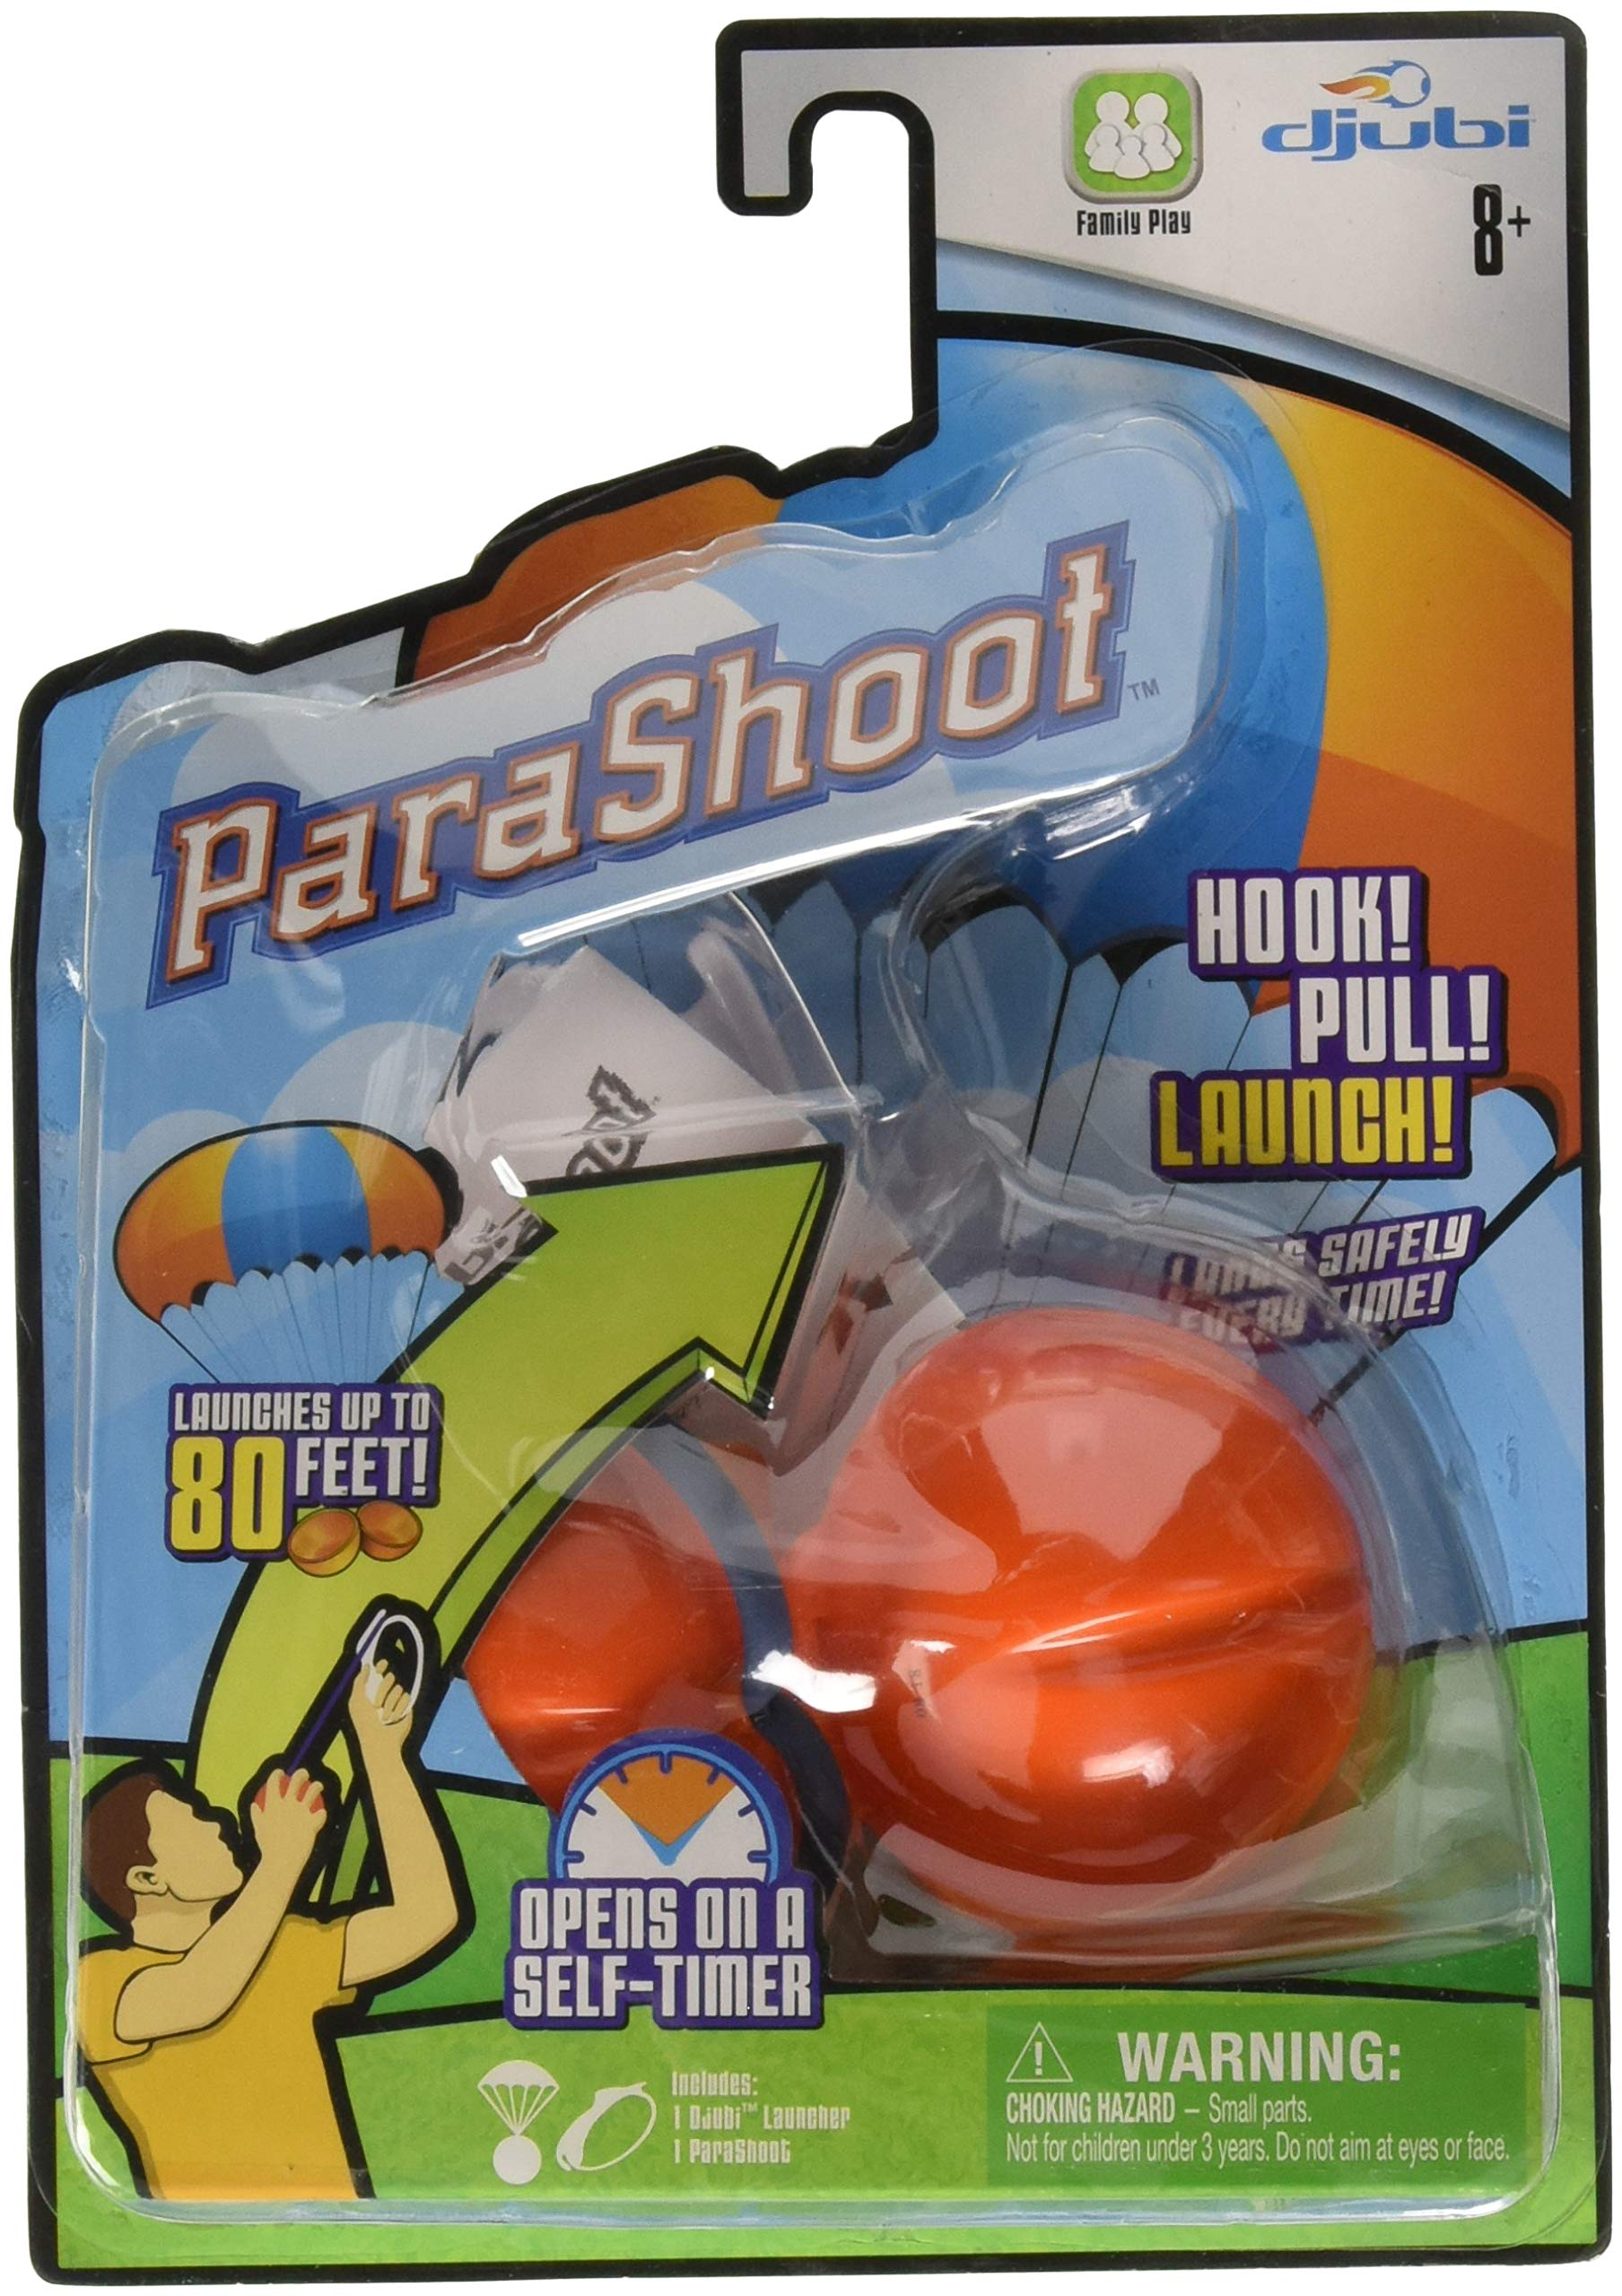 Djubi ParaShoot Outdoor Parachute Ball Set by Moonracer